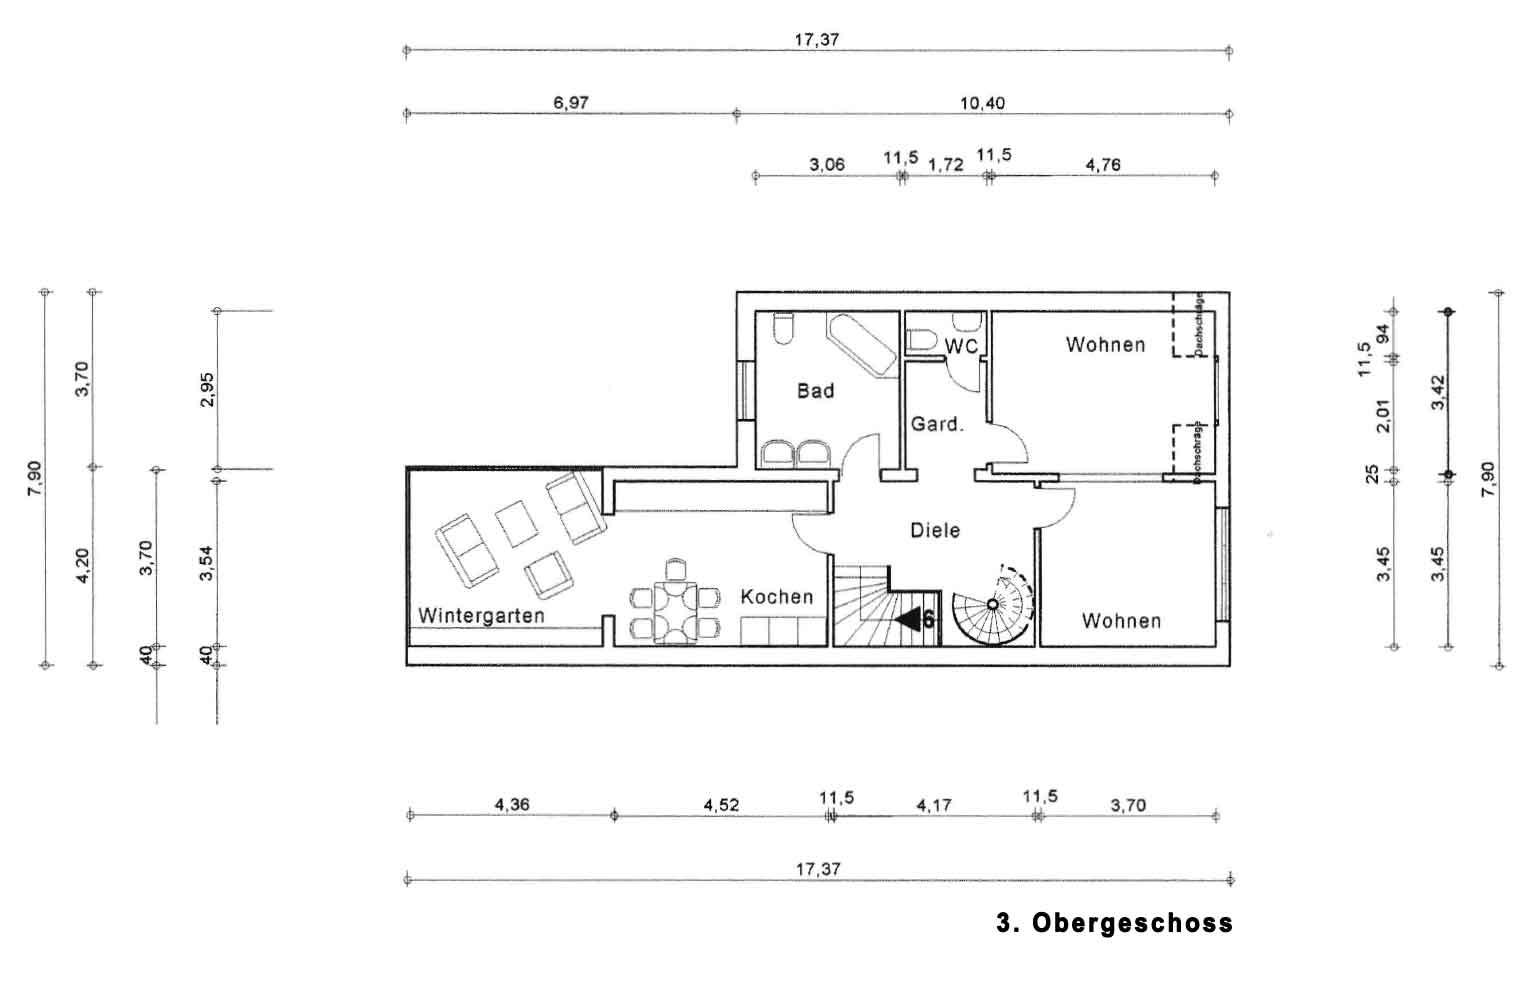 Parkallee 19, Bremen, Abbildung 3. Obergeschoss